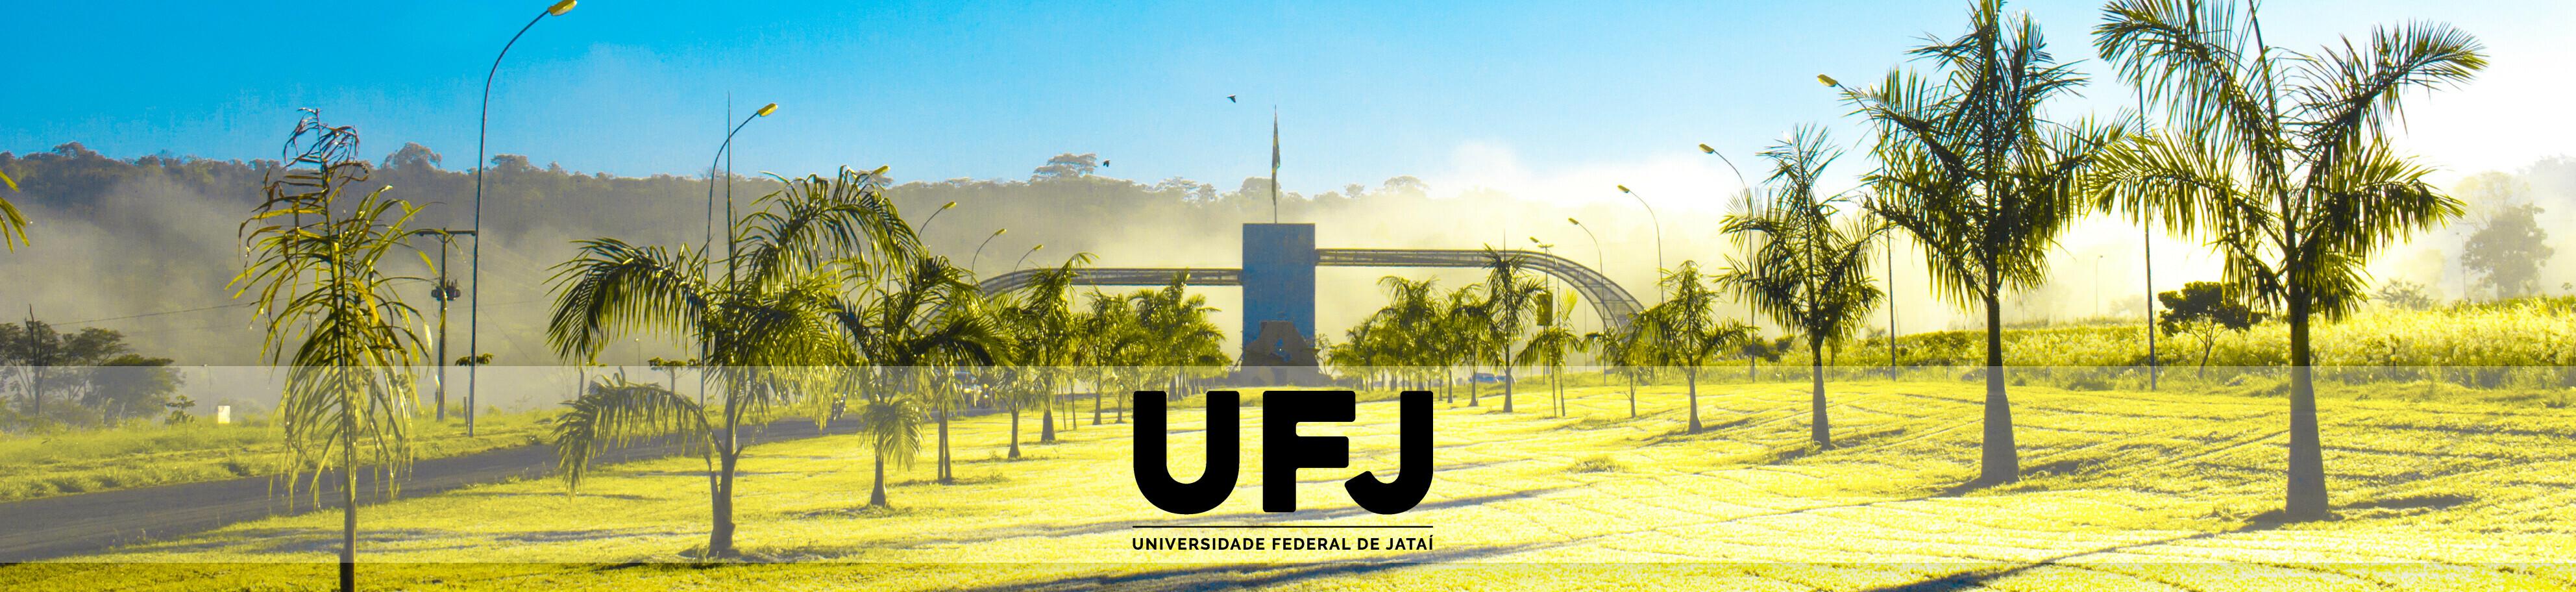 Banner UFJ